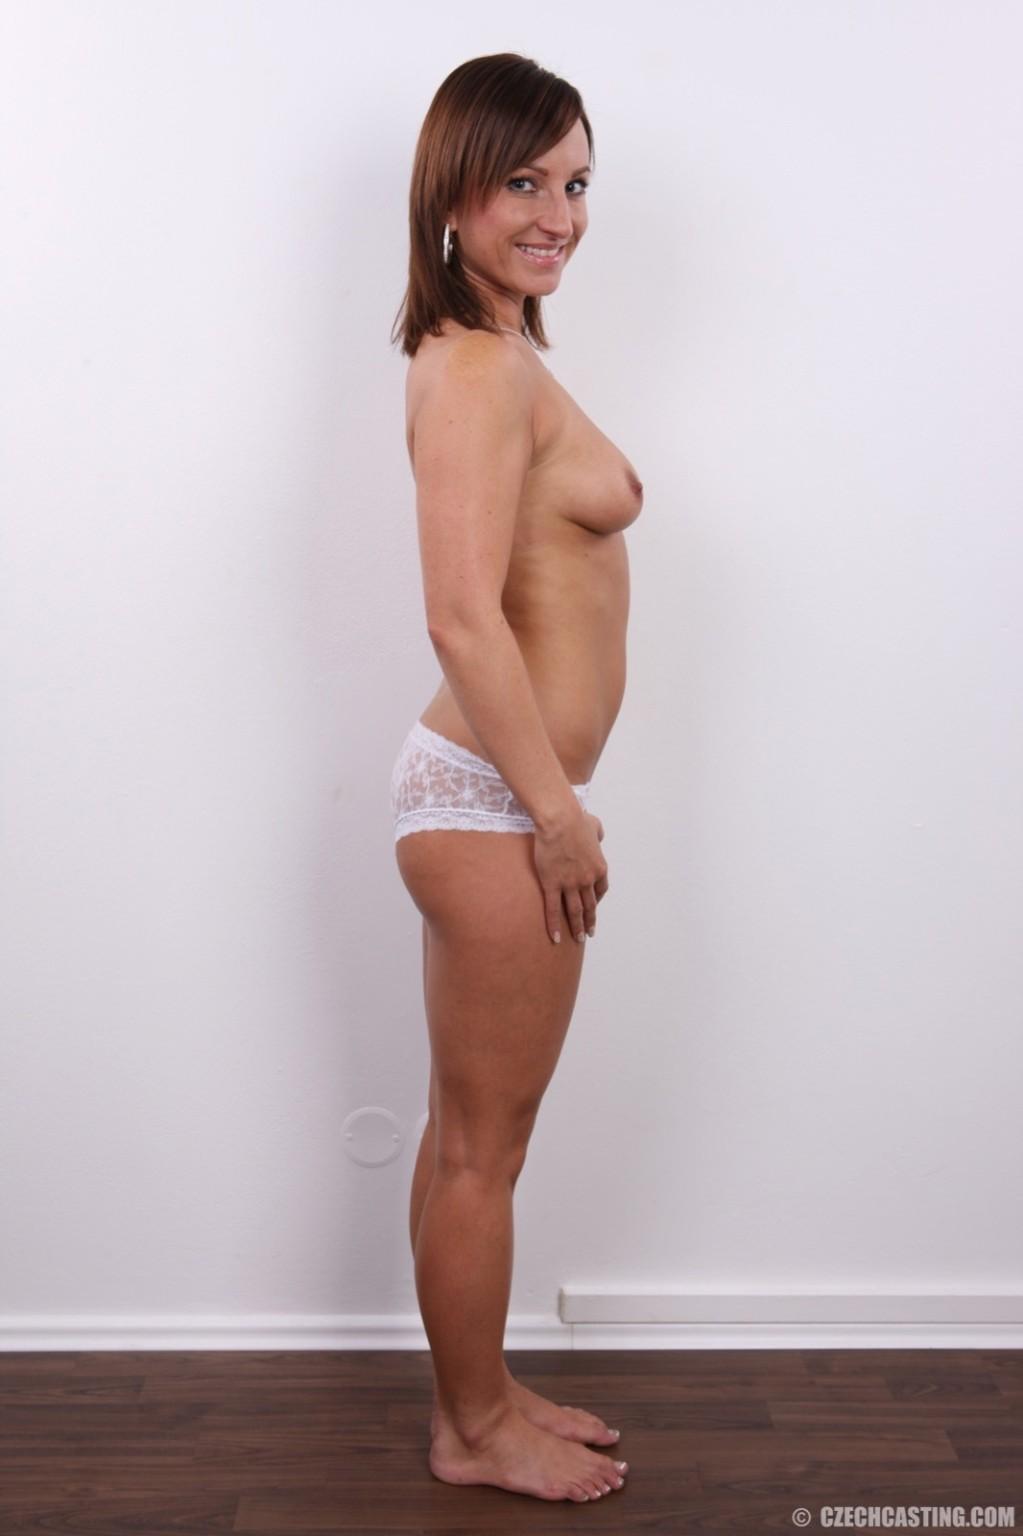 Шалава в белом соблазнительном белье раздвигает себе пизду на камеру